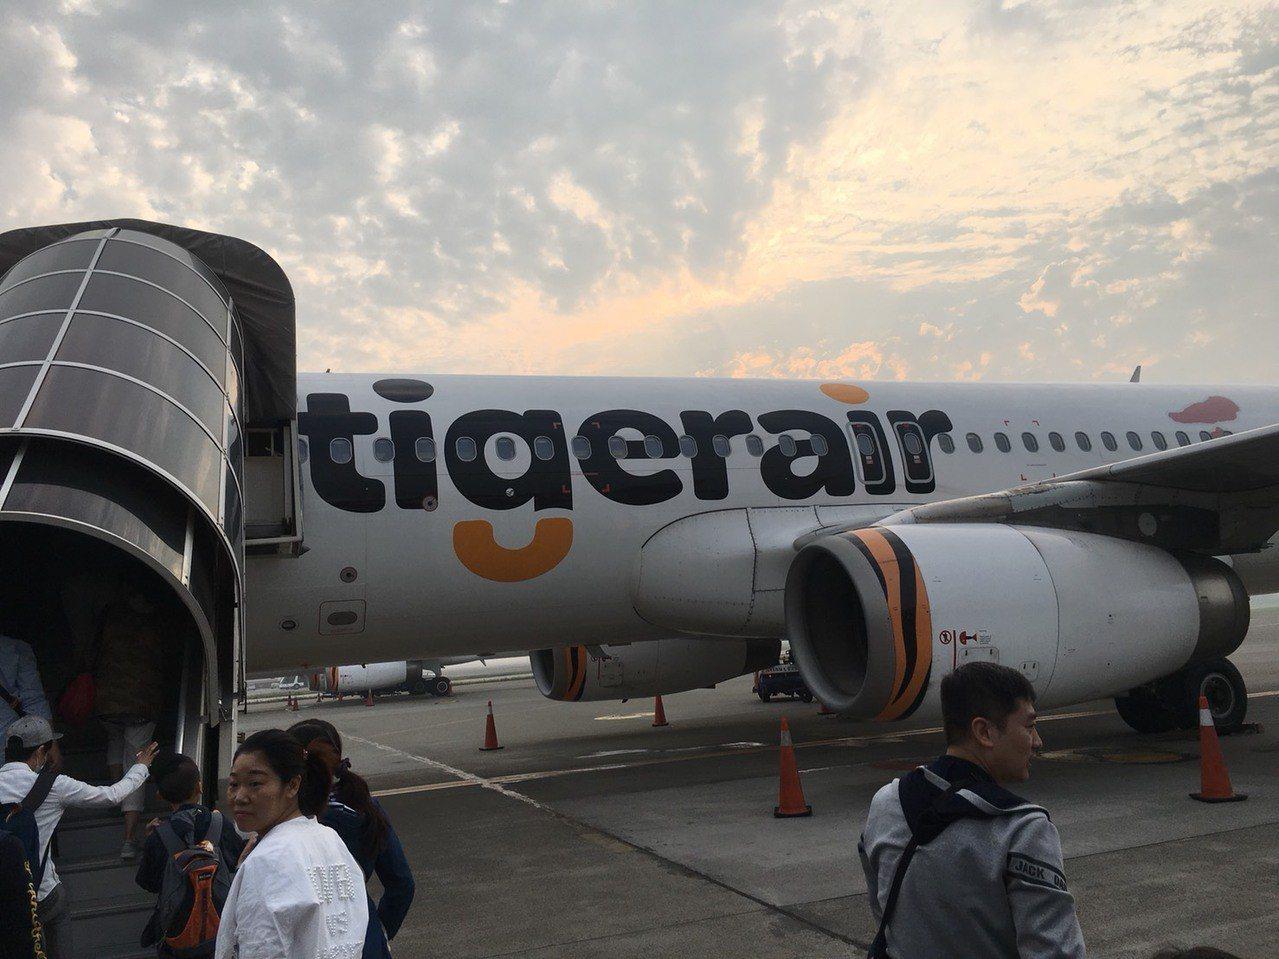 回饋tigerclub會員,台灣虎航將於2019年4月18日上午10時起至201...